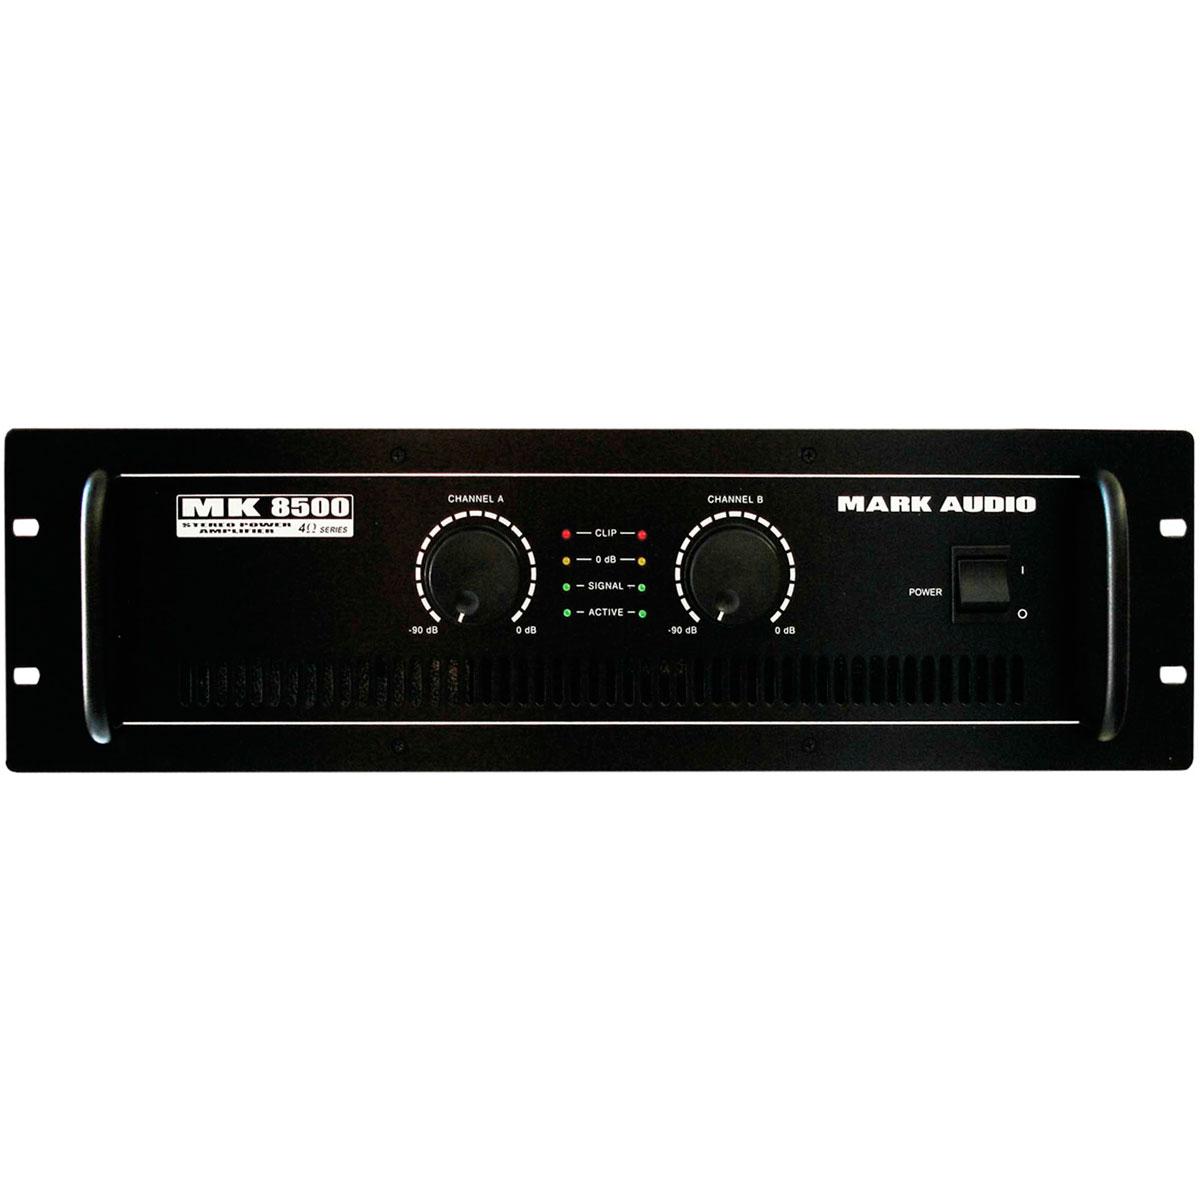 MK8500 - Amplificador Estéreo 2 Canais 1500W MK 8500 - Mark Audio